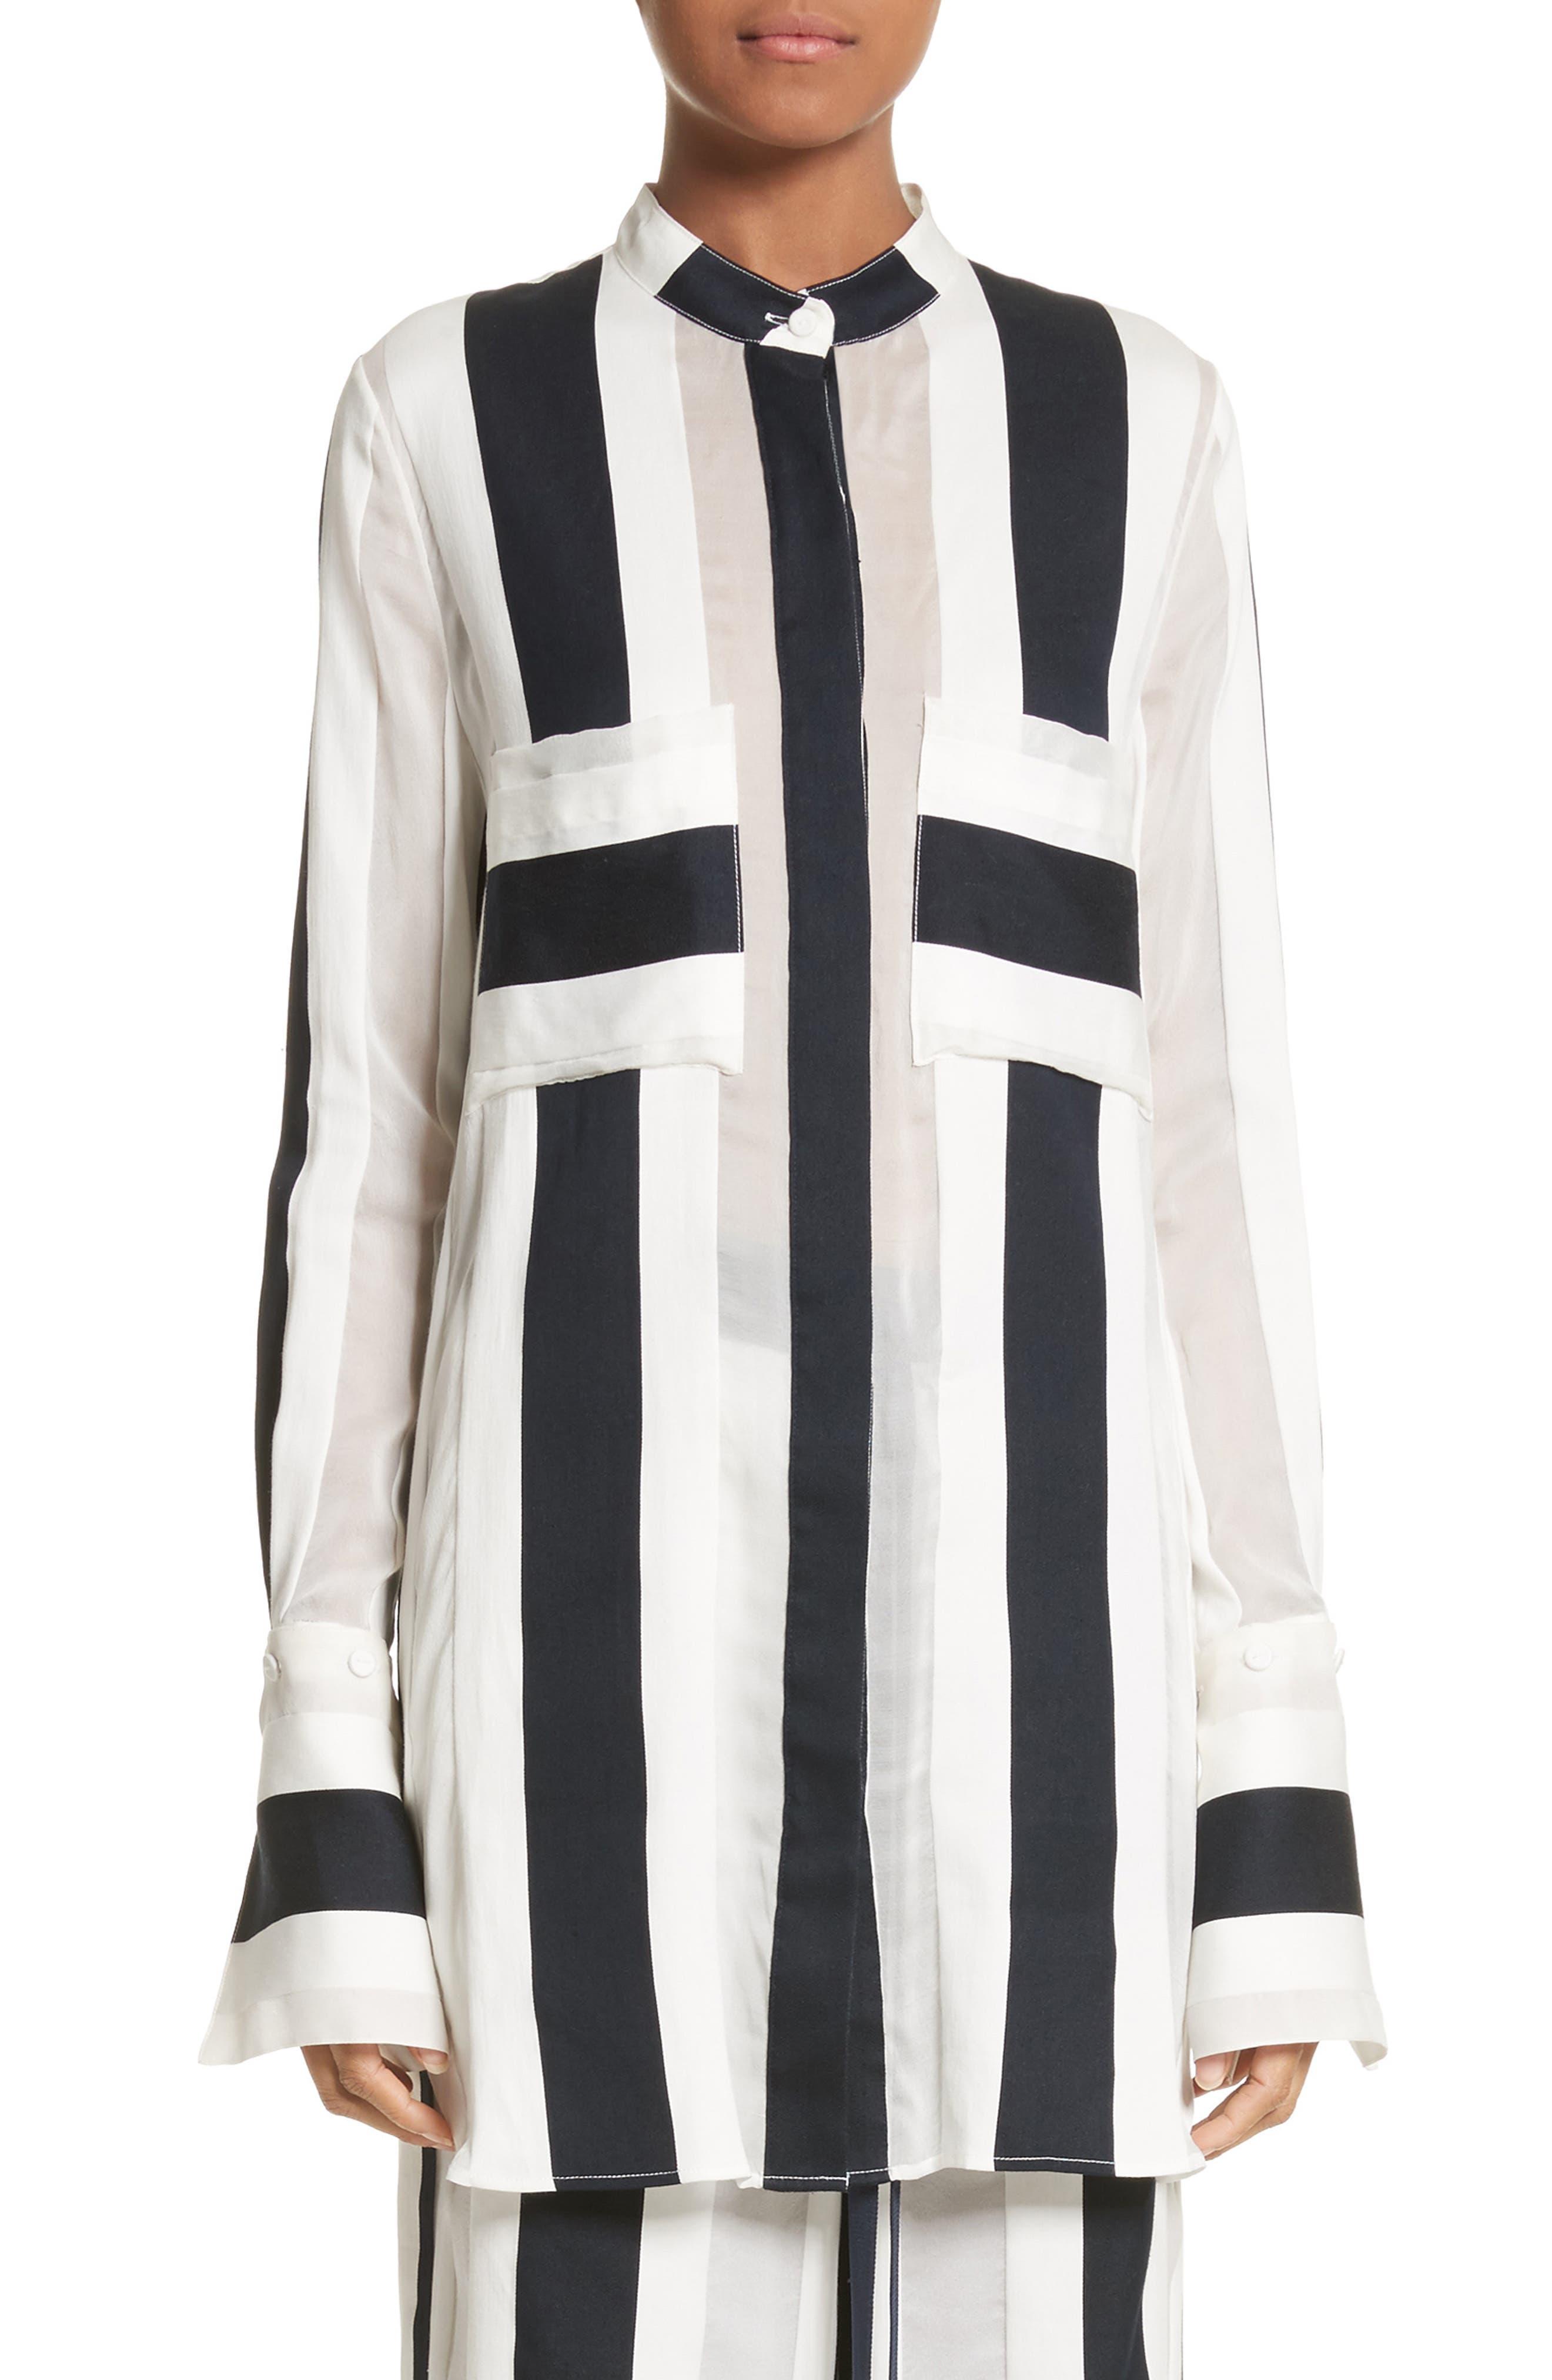 Cotton & Silk Stripe Jacquard Blouse,                             Main thumbnail 1, color,                             Black/ White